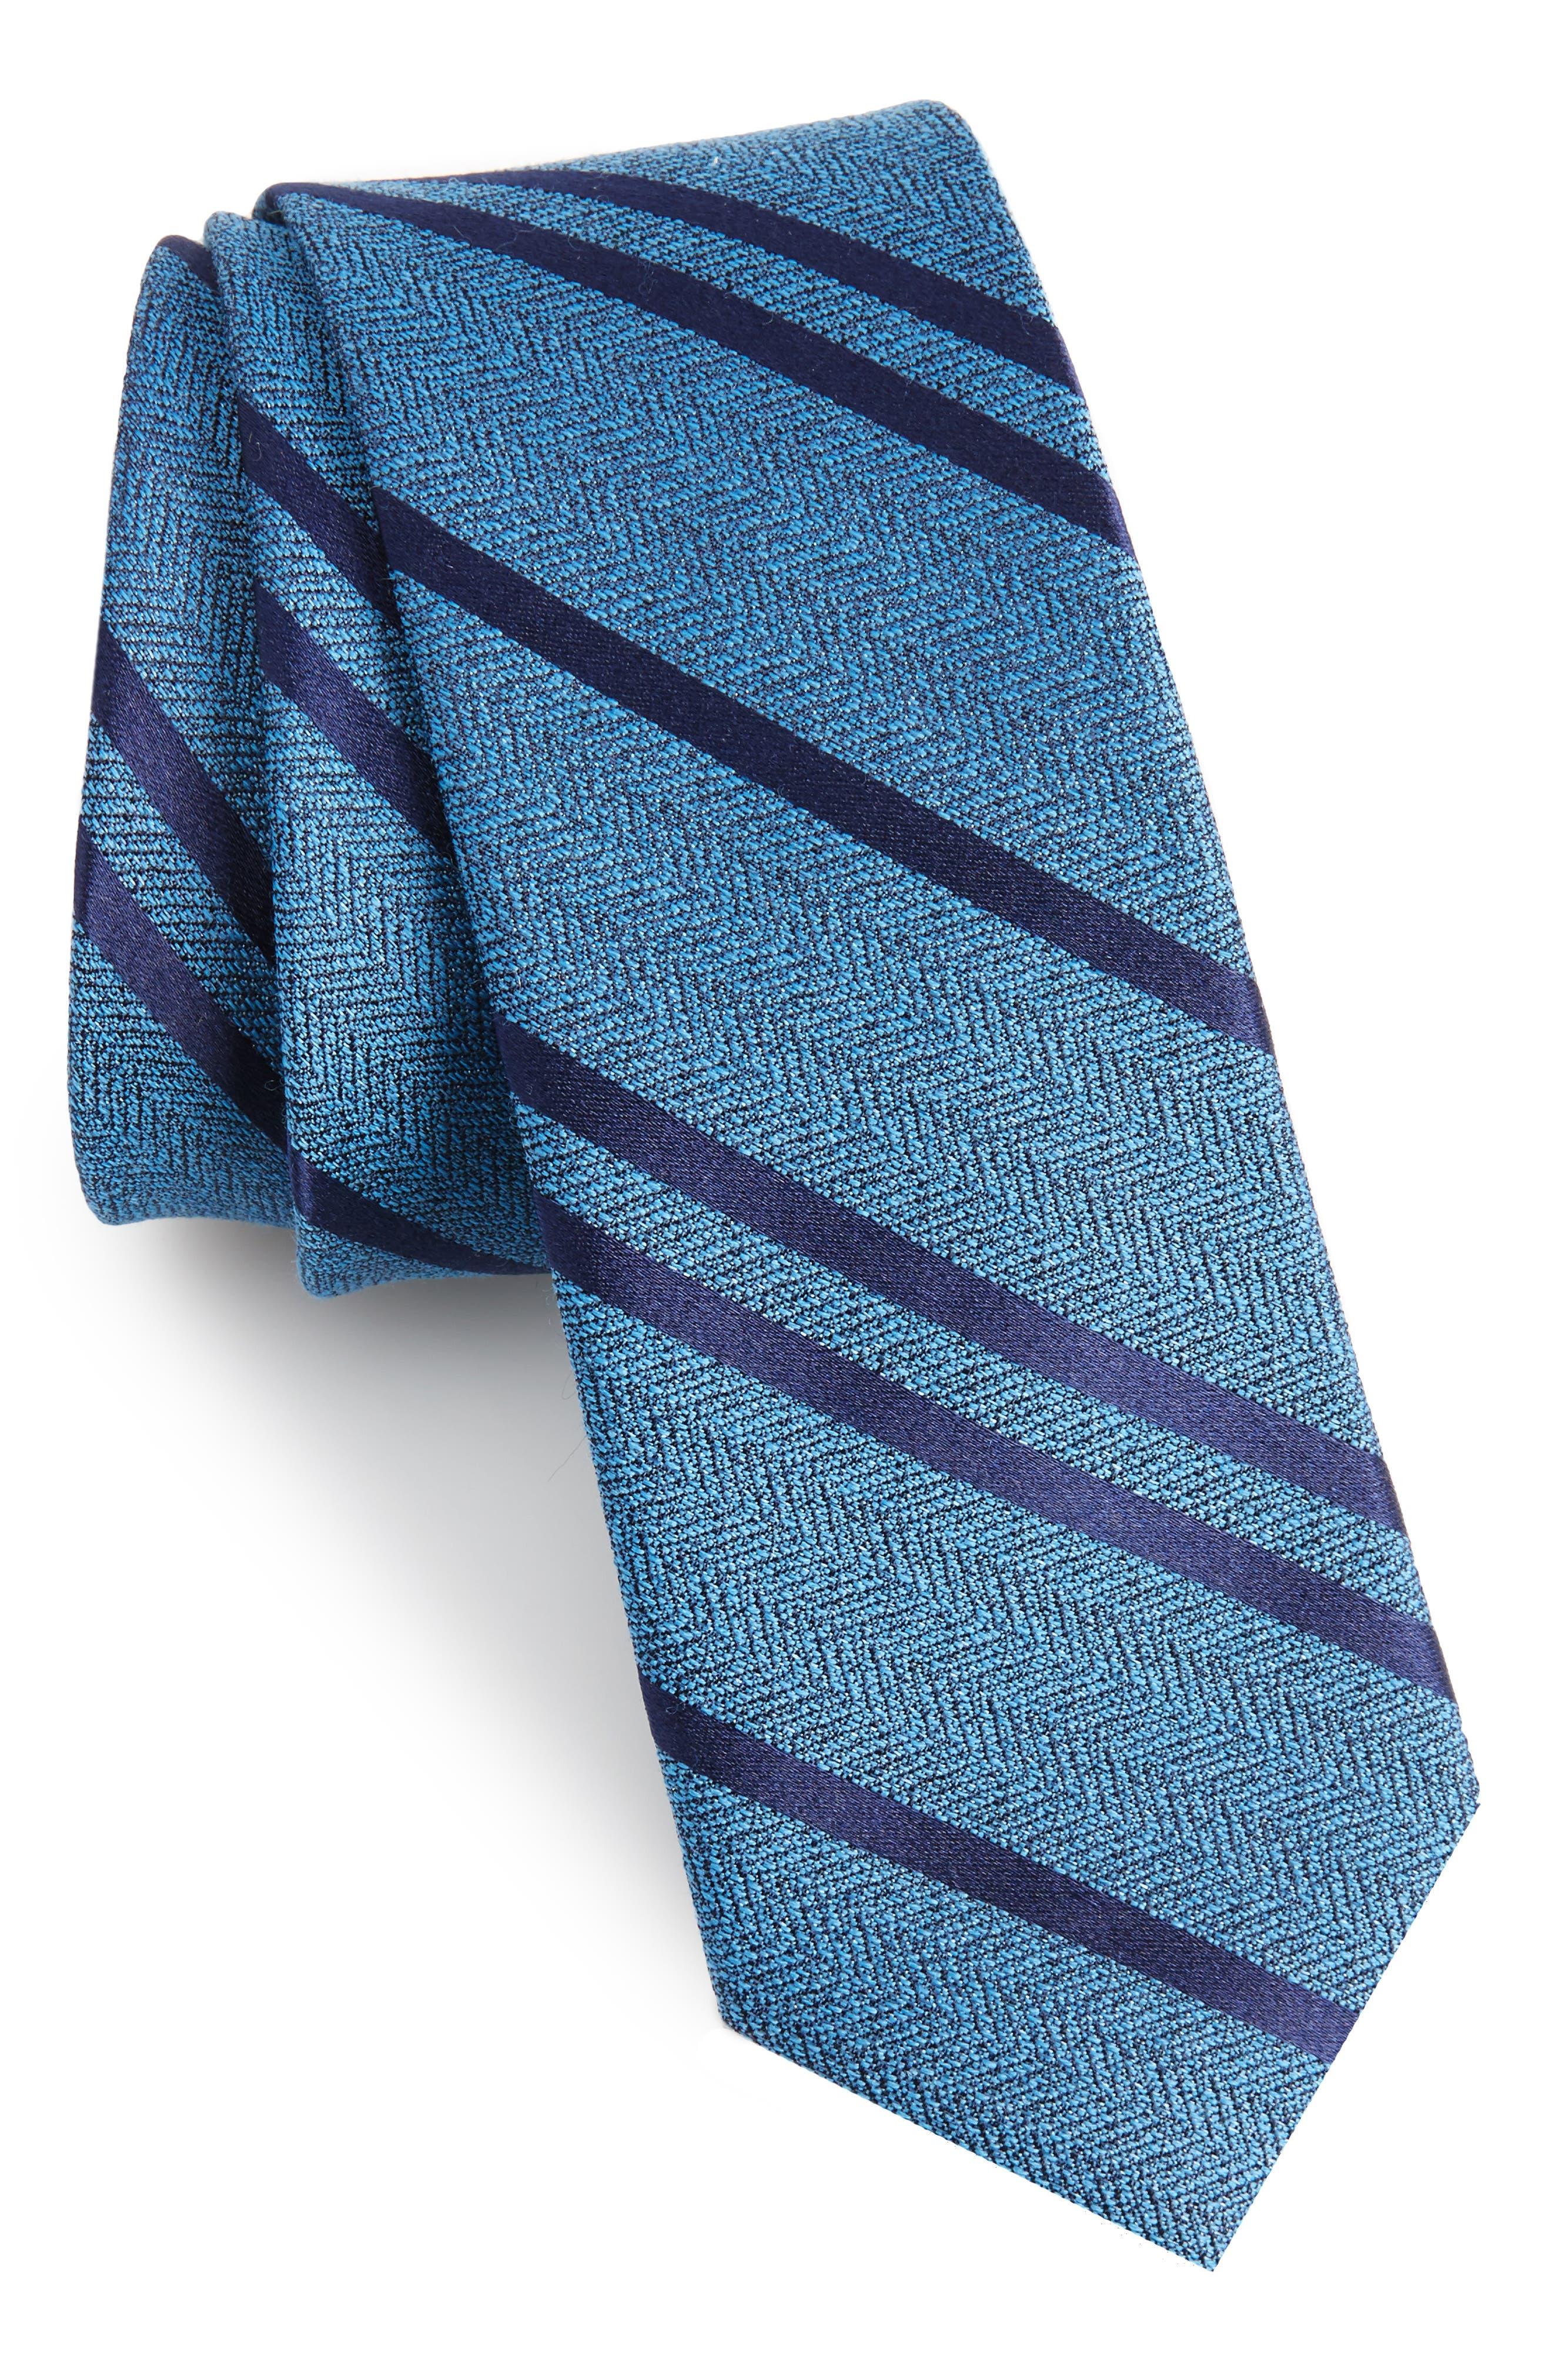 Path Stripe Wool & Silk Tie,                             Main thumbnail 1, color,                             Serene Blue